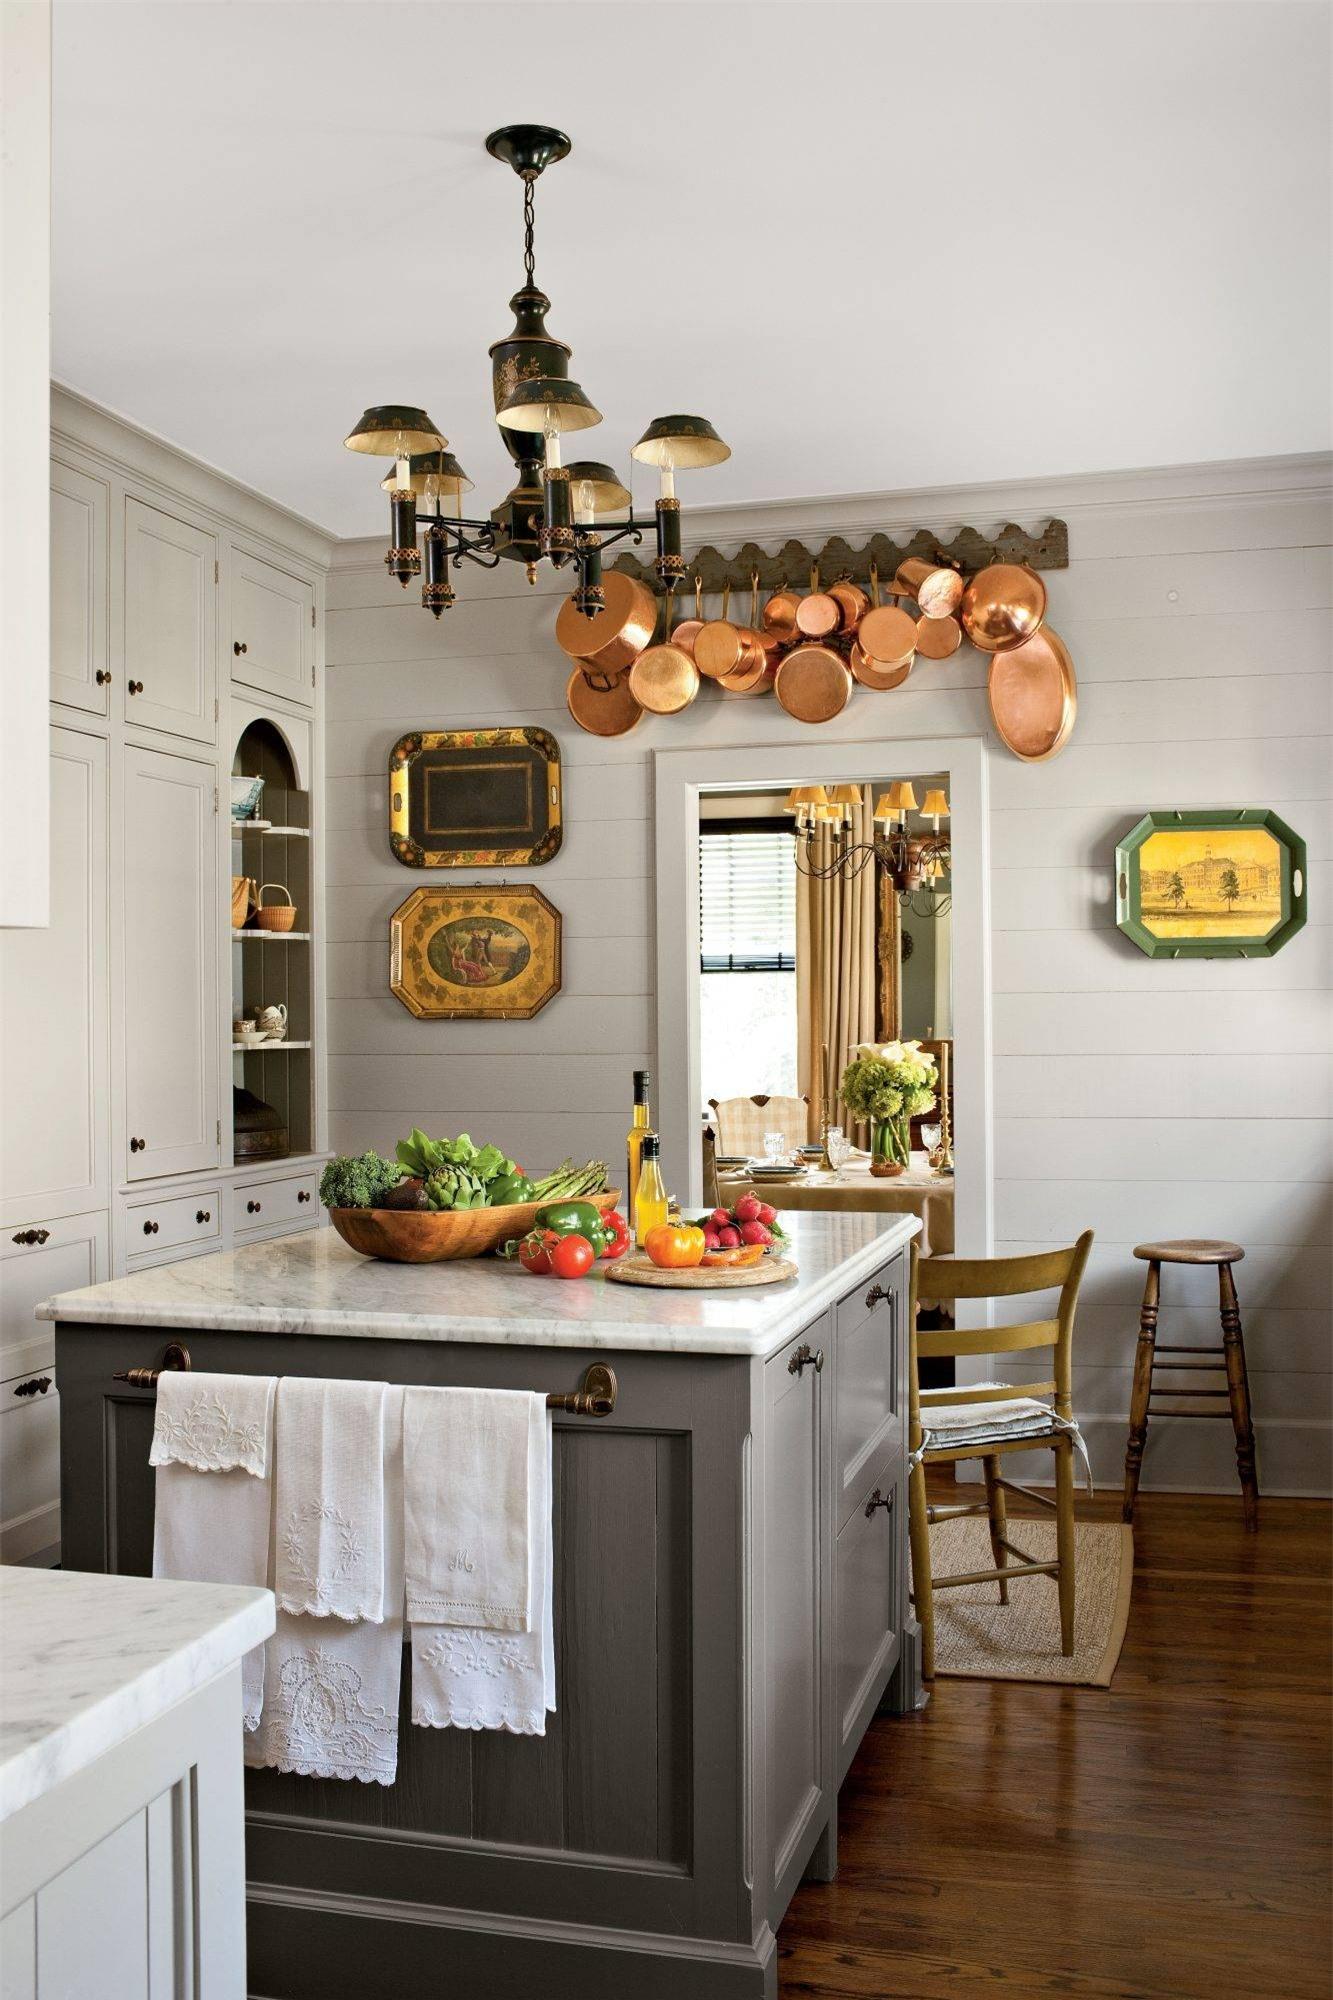 Không gian nấu nướng với màu trung tính có thể khiến căn phòng thêm tẻ nhạt. Tuy nhiên, màu ghi sáng với nhiều sắc độ sẽ thêm cuốn hút khi có sự kết hợp với đảo bếp tiện lợi.